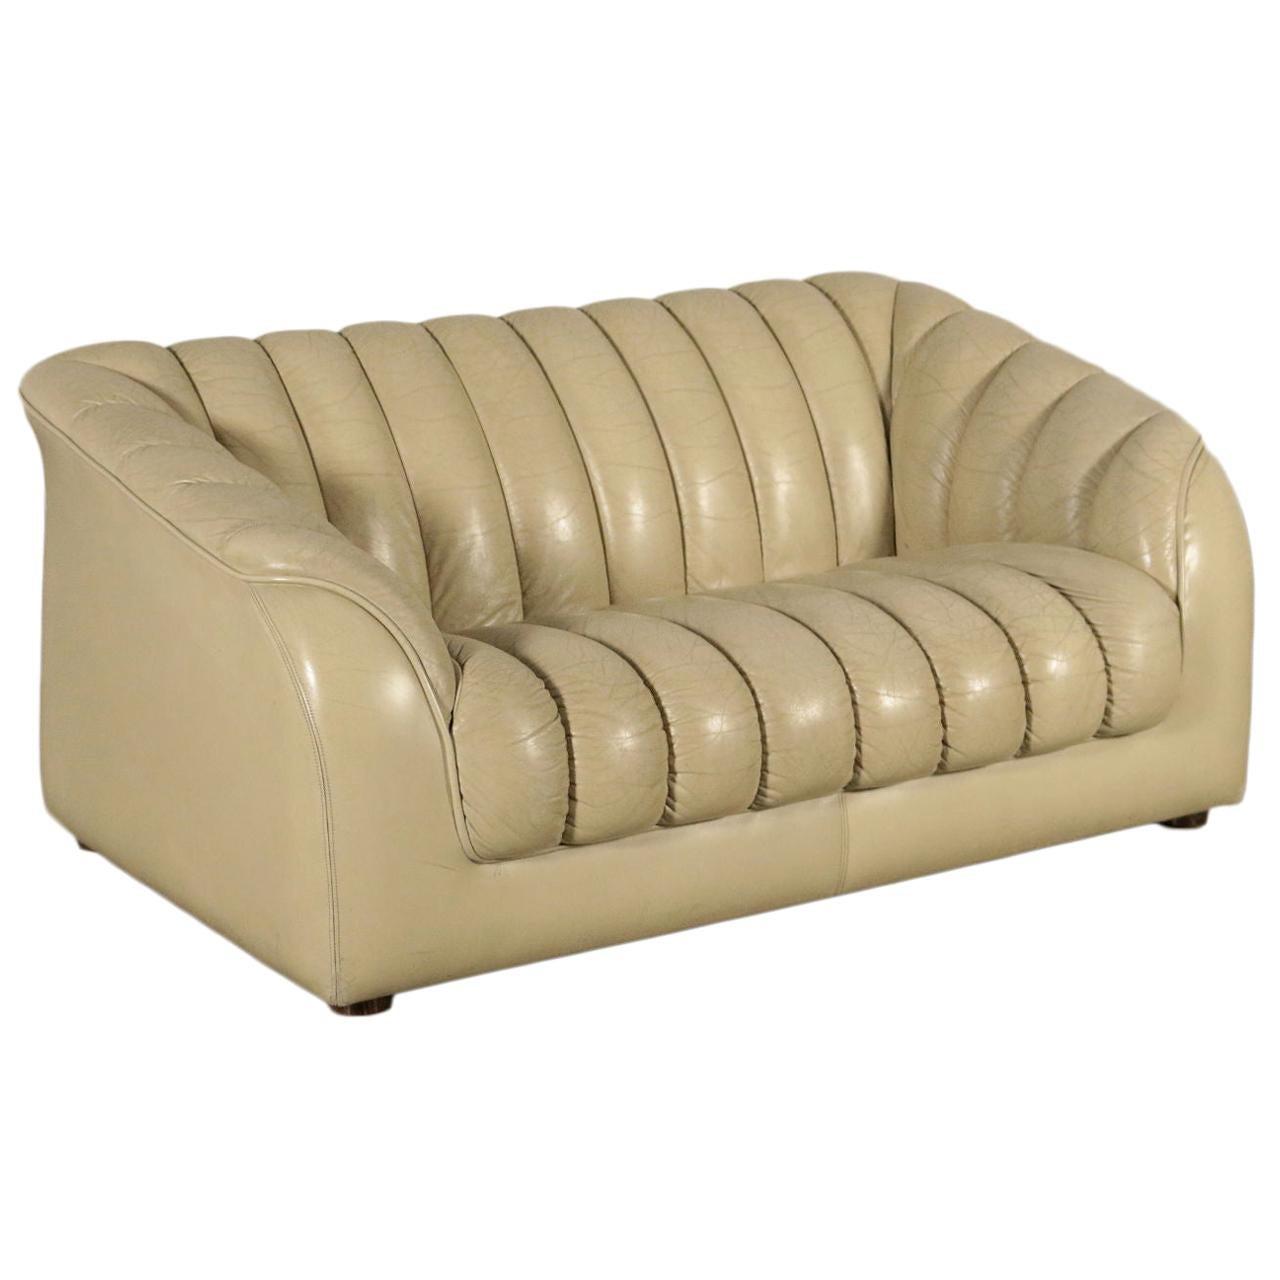 Sofa Leatherette Foam, Italy, 1960s-1970s